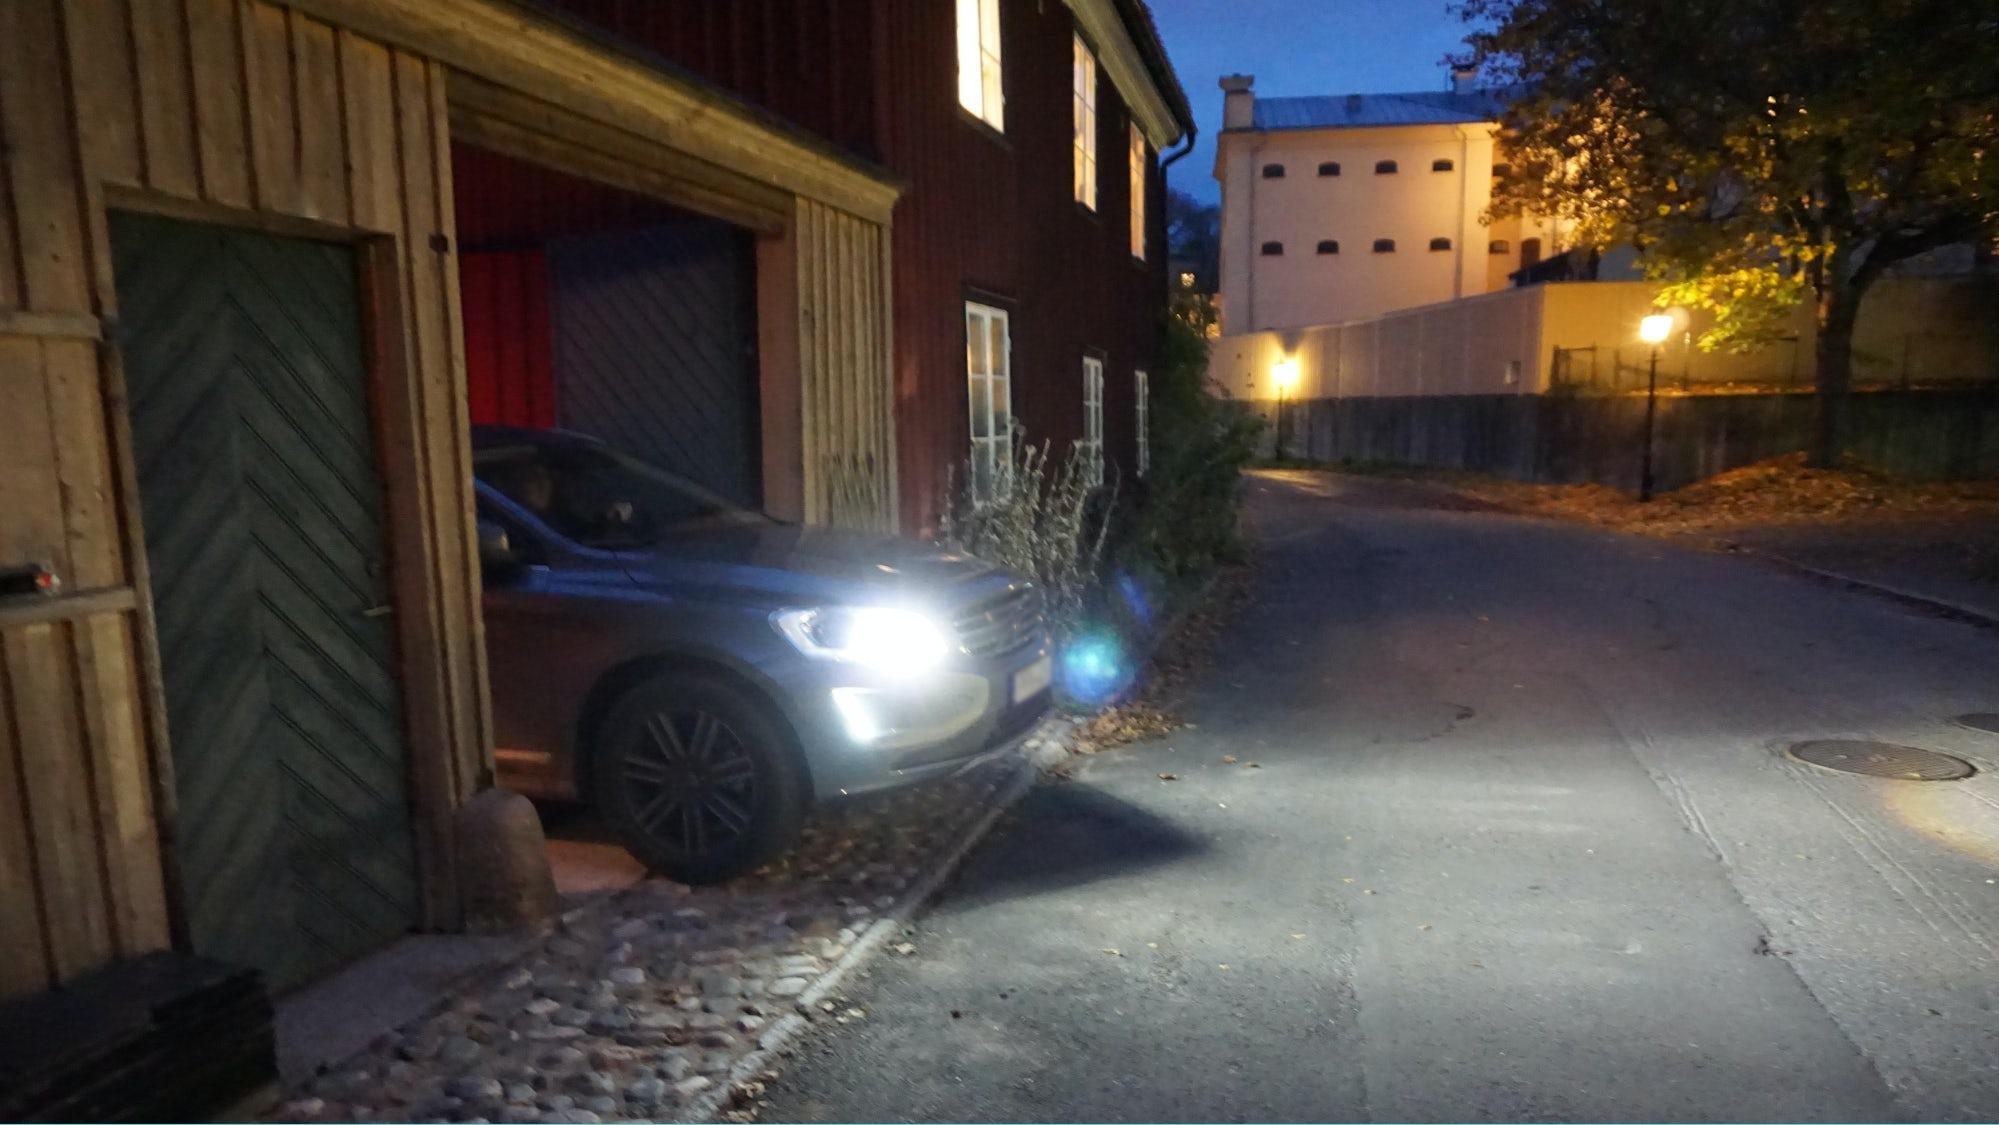 Bil kör ut från en fastighet där utfartsregeln gäller.